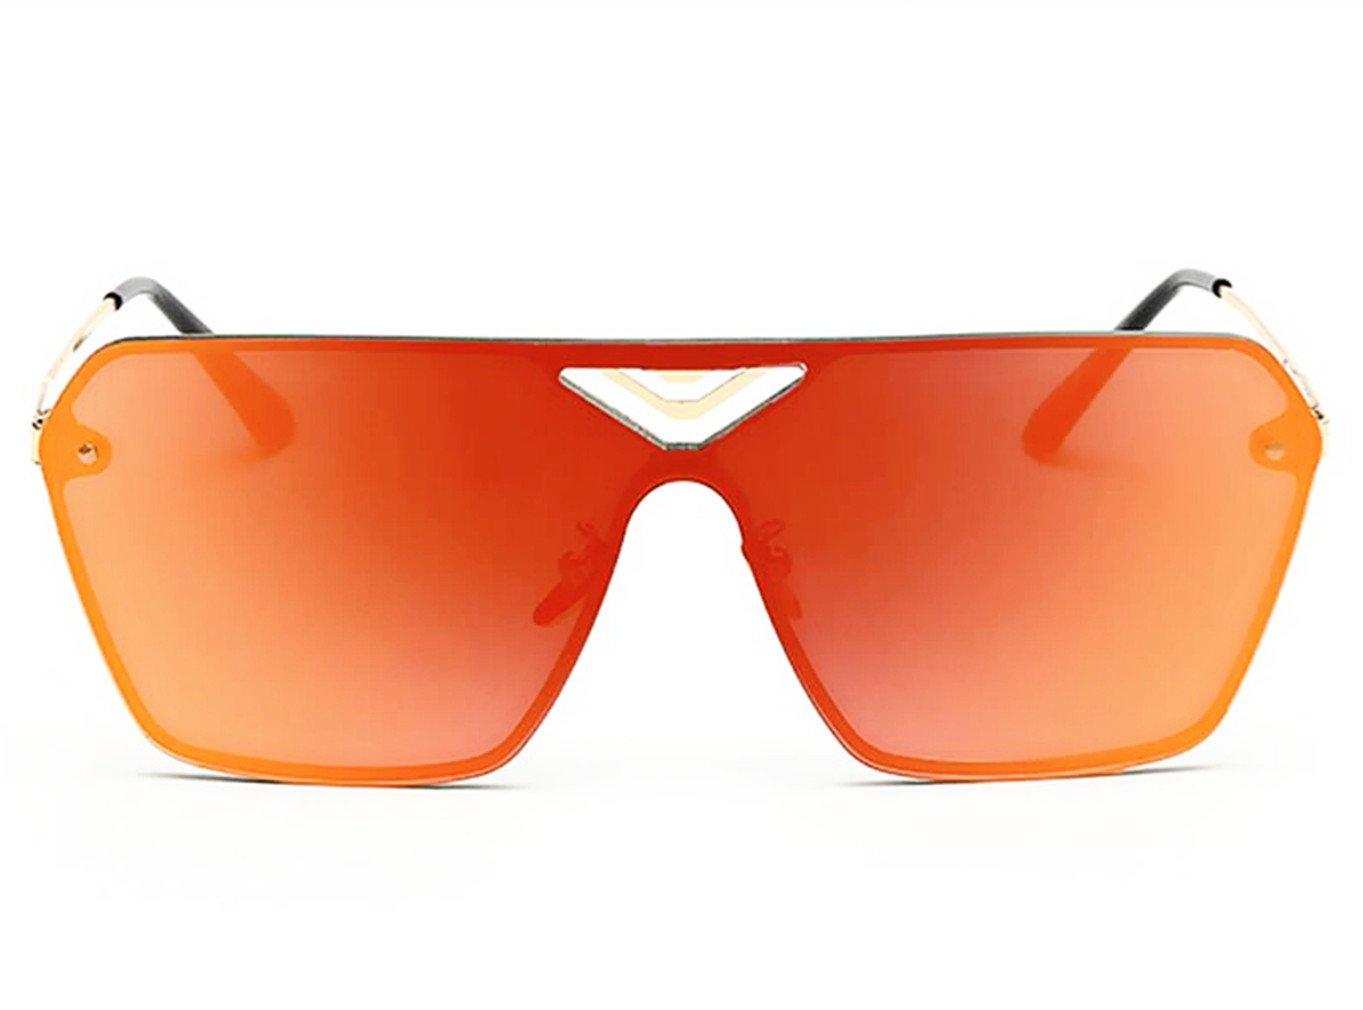 Linshe UV400 Unisex Windundurchlässige Oversize Sonnenbrille mit großen Rahmen (65mm) (silber Brille Rahmen + lichtblau Brillenglas) 9Mmbp